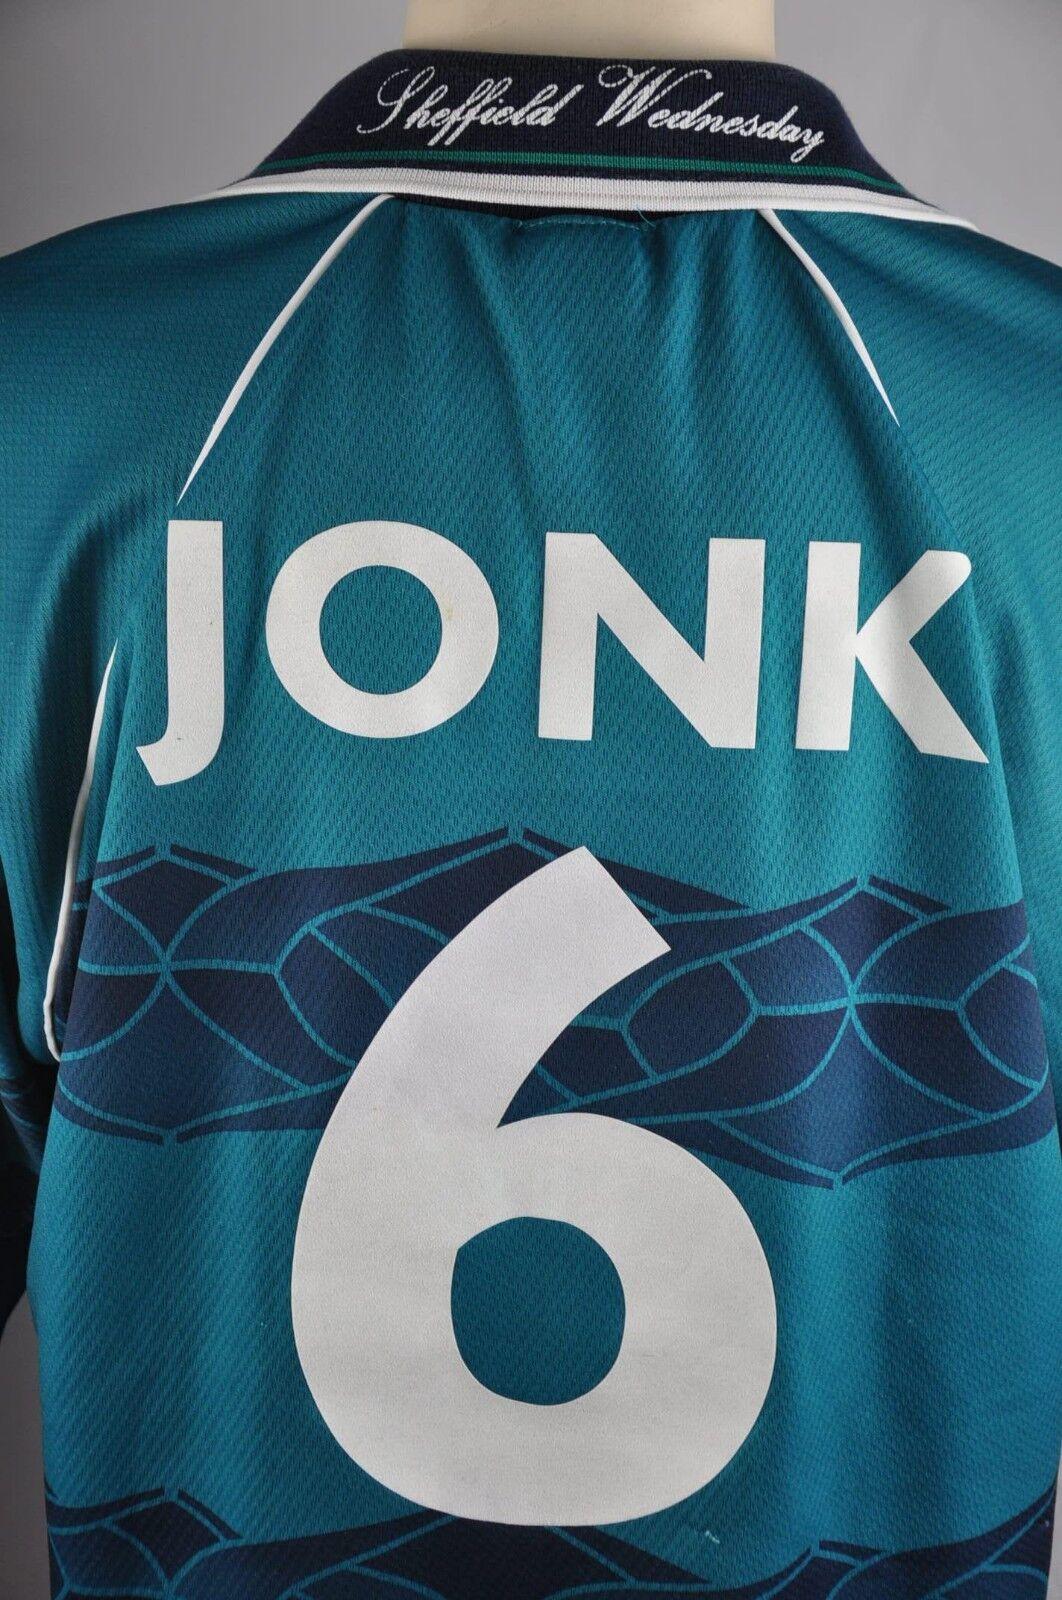 Sheffield Wednesday Trikot Gr. XL XL XL  6 Jonk Away 1995-1997 Sanderson 90s Shirt 6b3e19